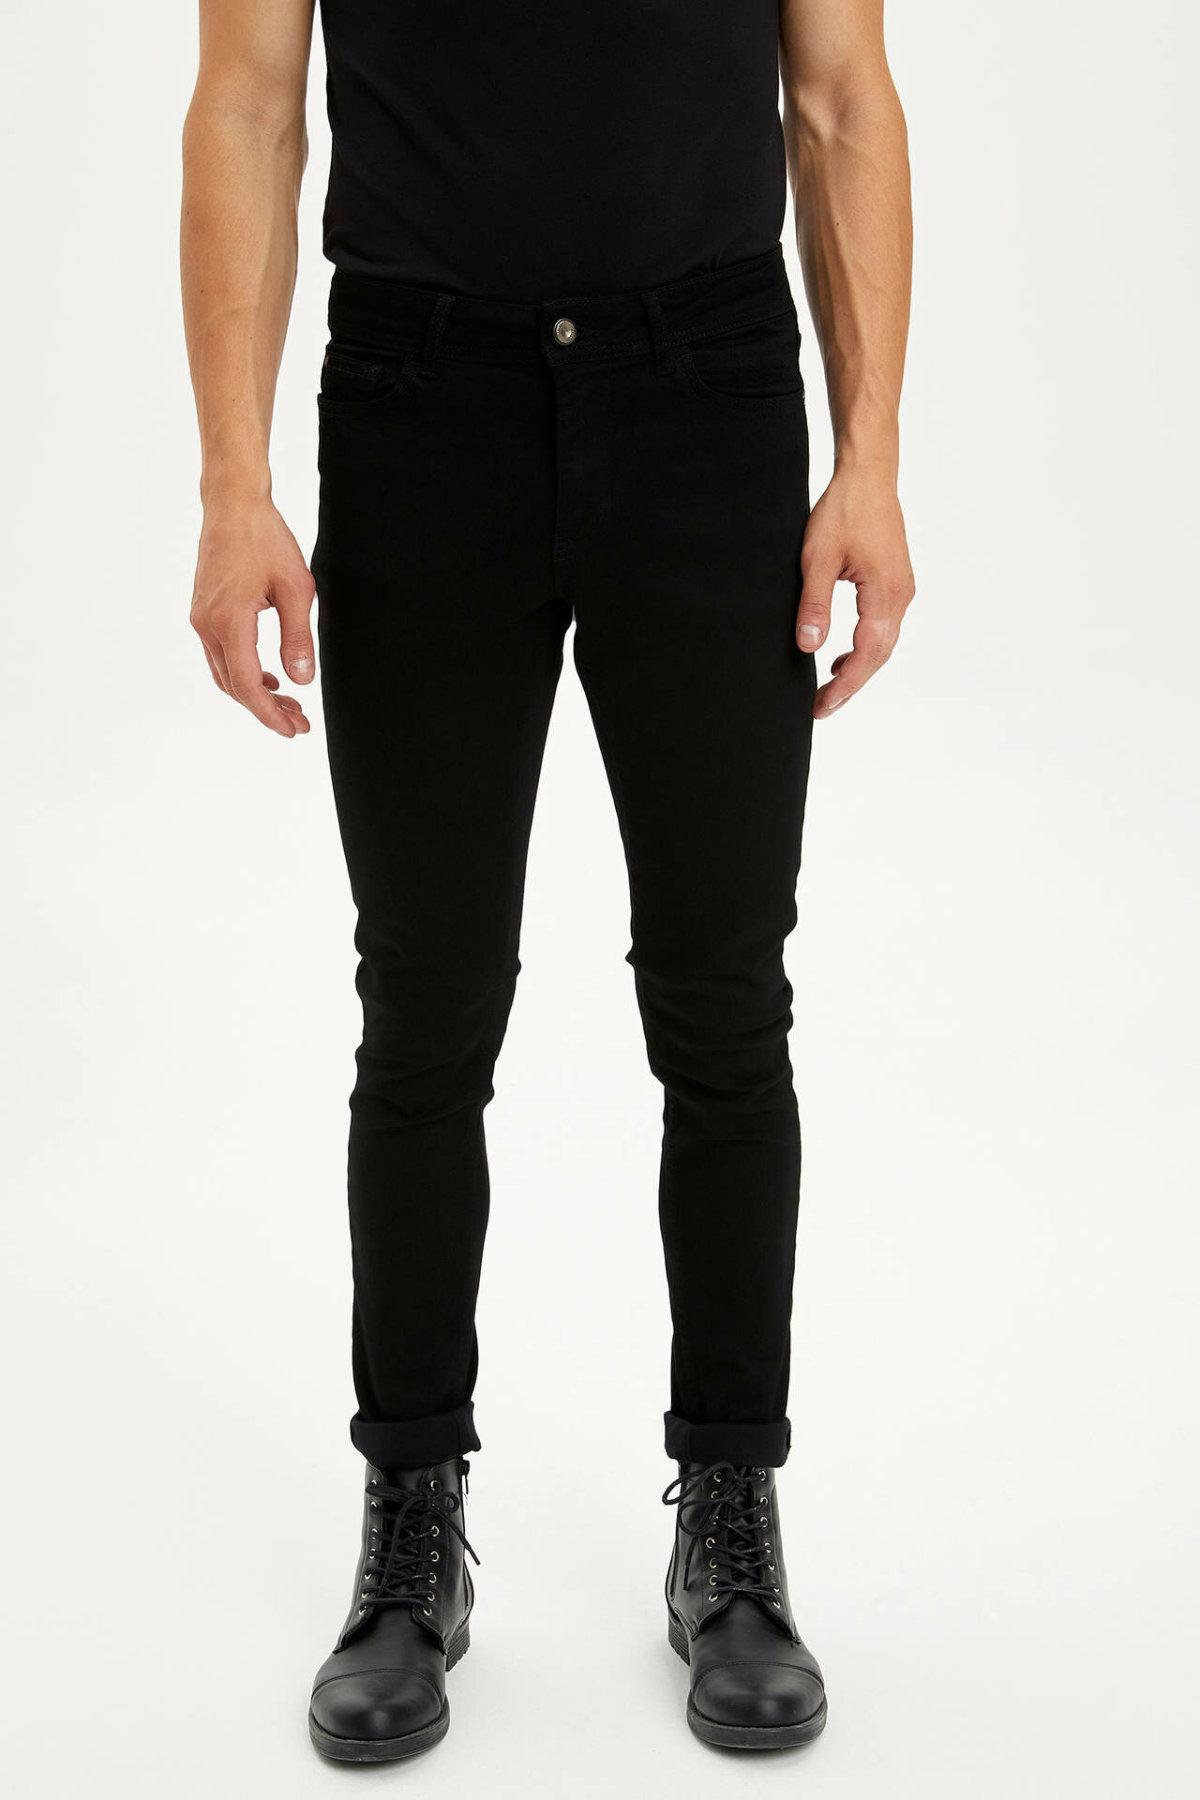 DeFacto Men Black Classic Style Elasticity Jeans Fashion Casual Stretch Slim Denim Pants Denim Trousers Male New -L6669AZ19AU